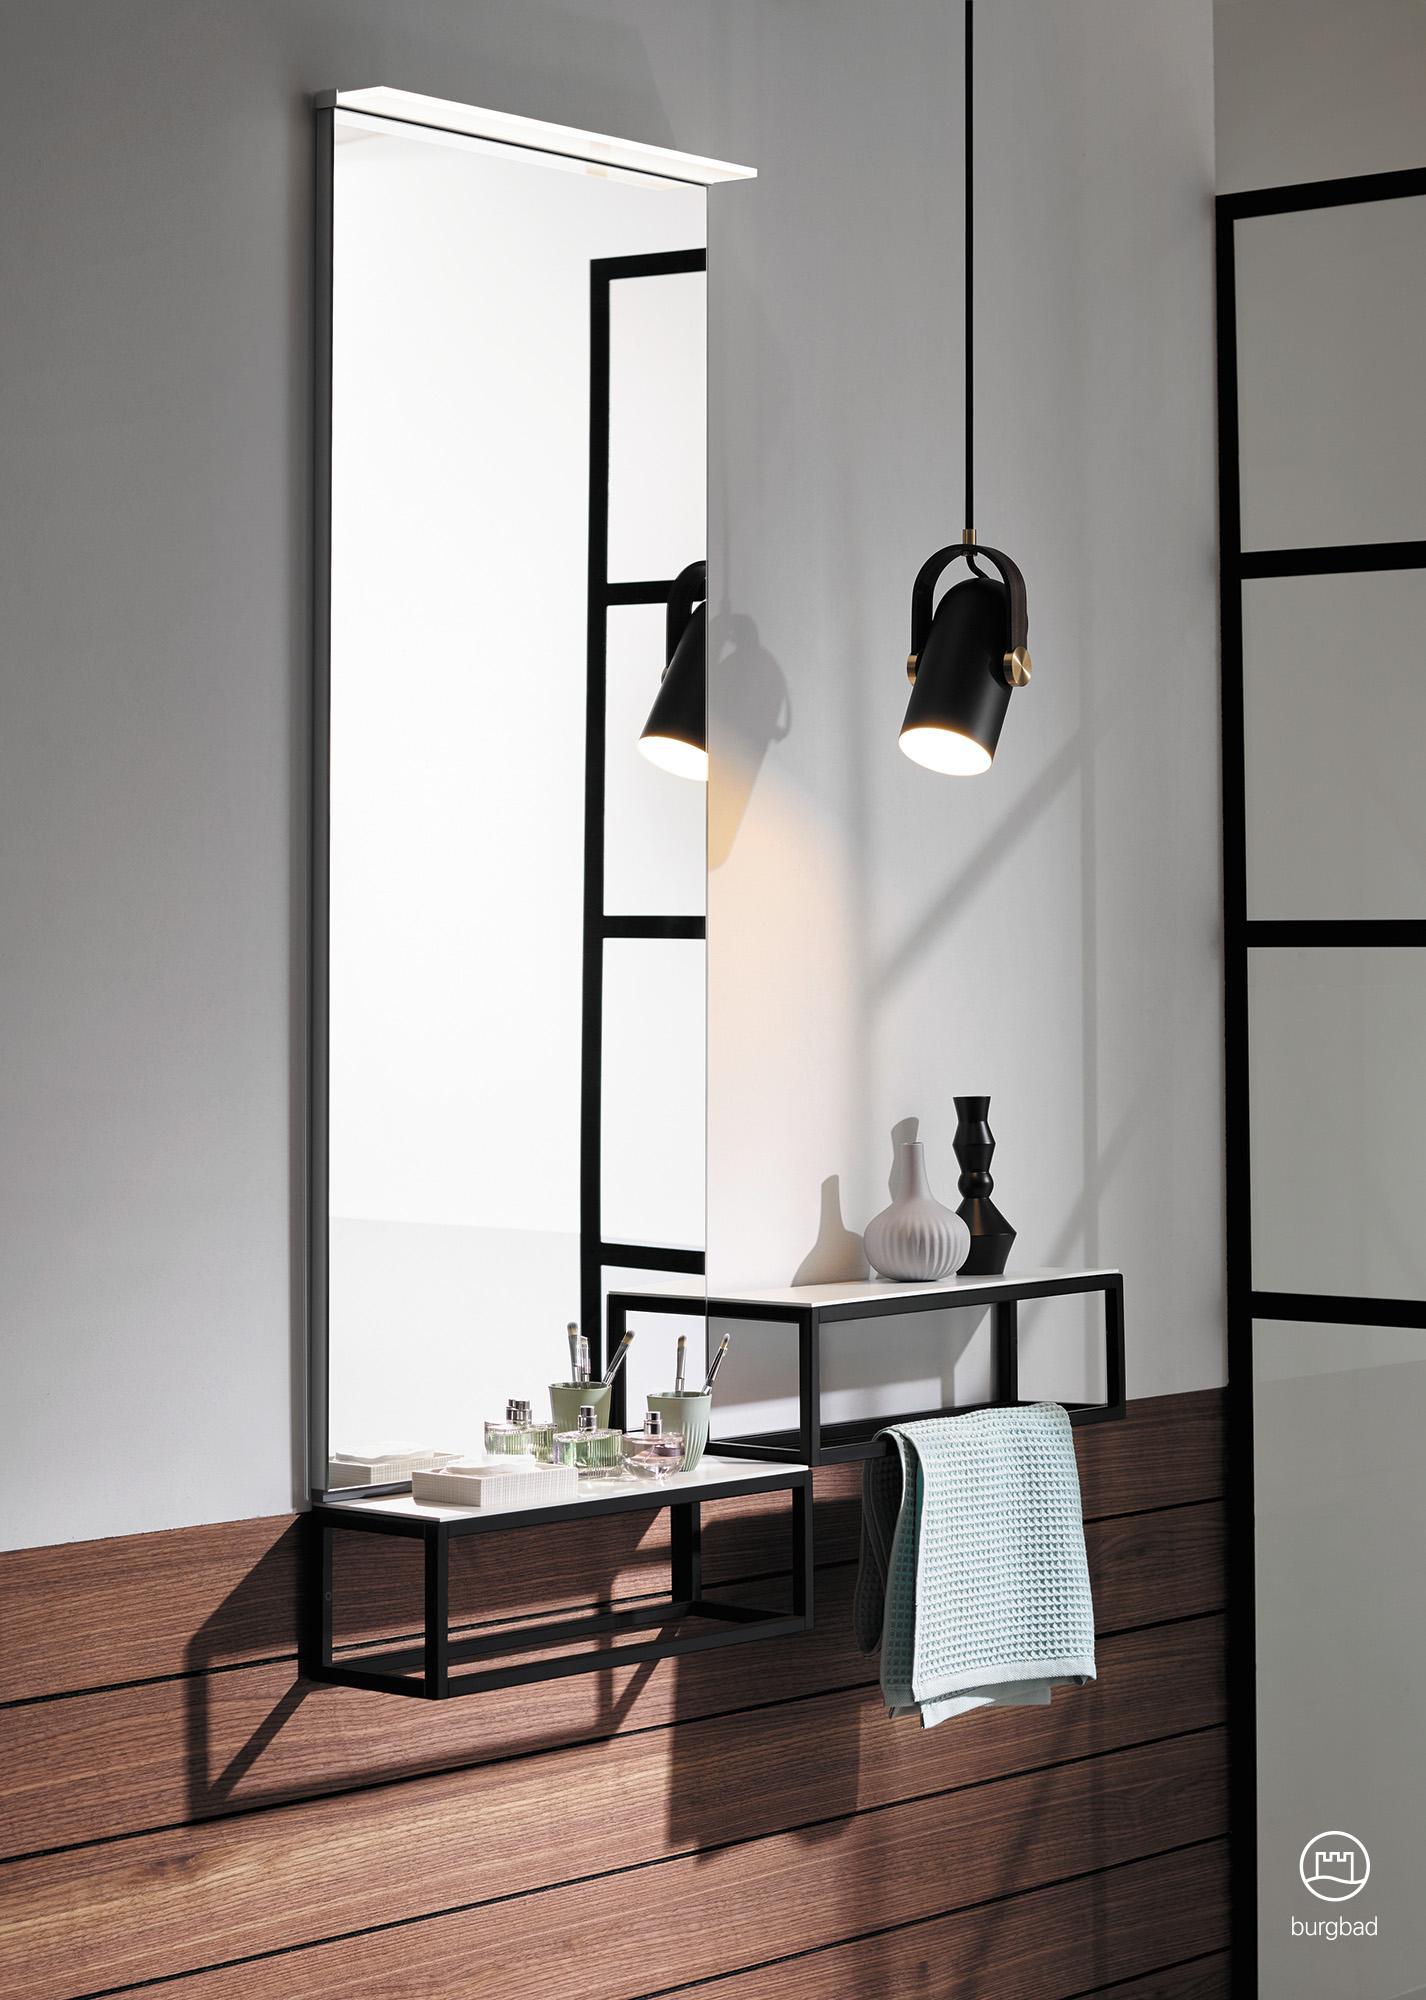 Schminkplatz Aus Junit Von Burgbad #badezimmer #spiegel #badmöbel  #beleuchtung #badezimmerablage ©